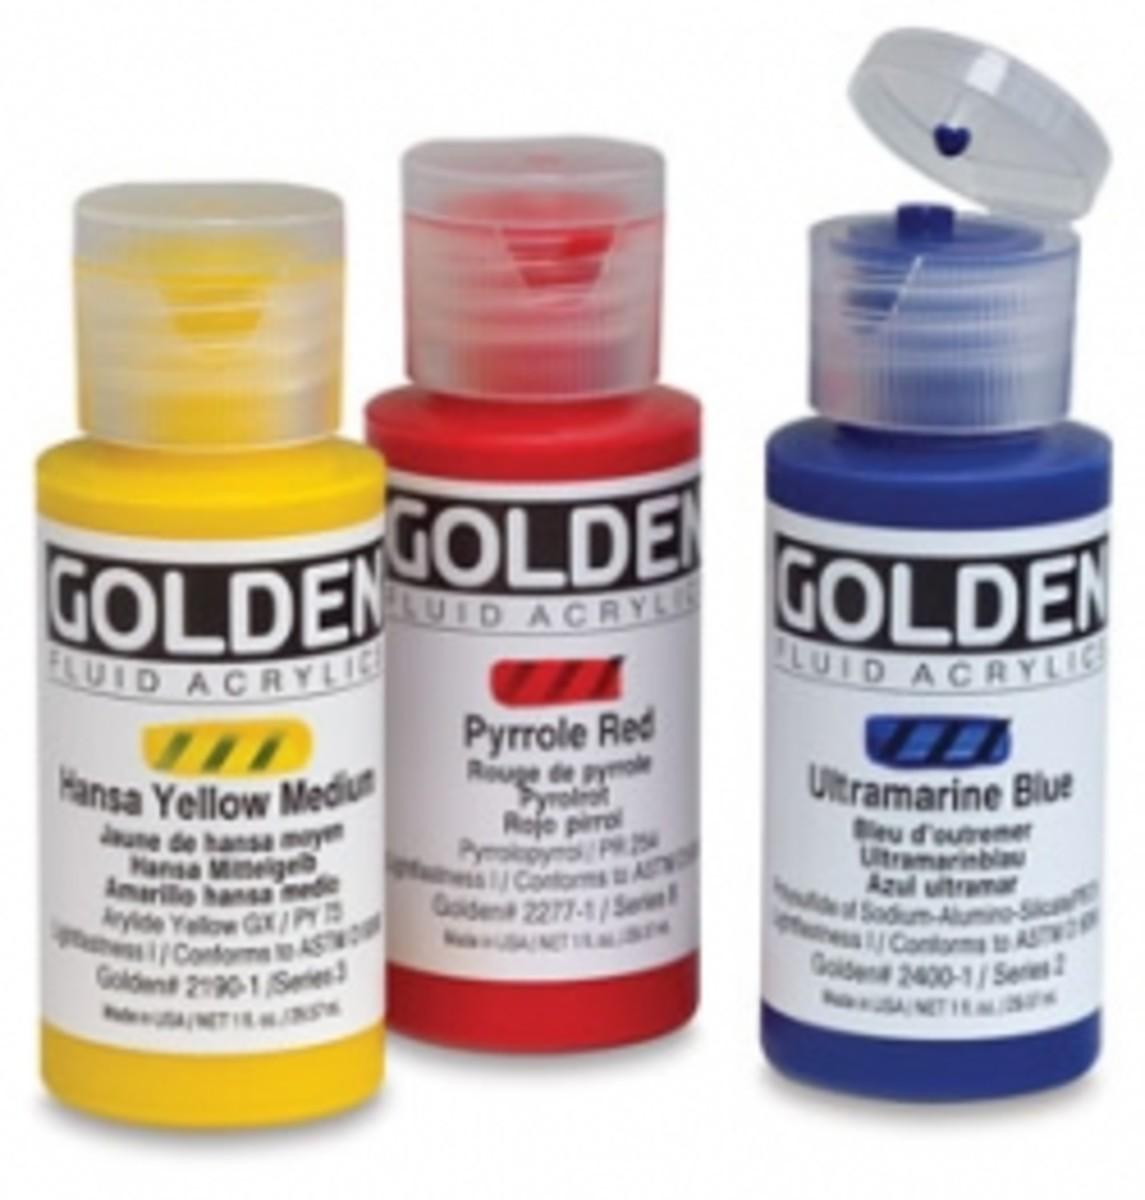 Golden Fluid Acrylic Paint